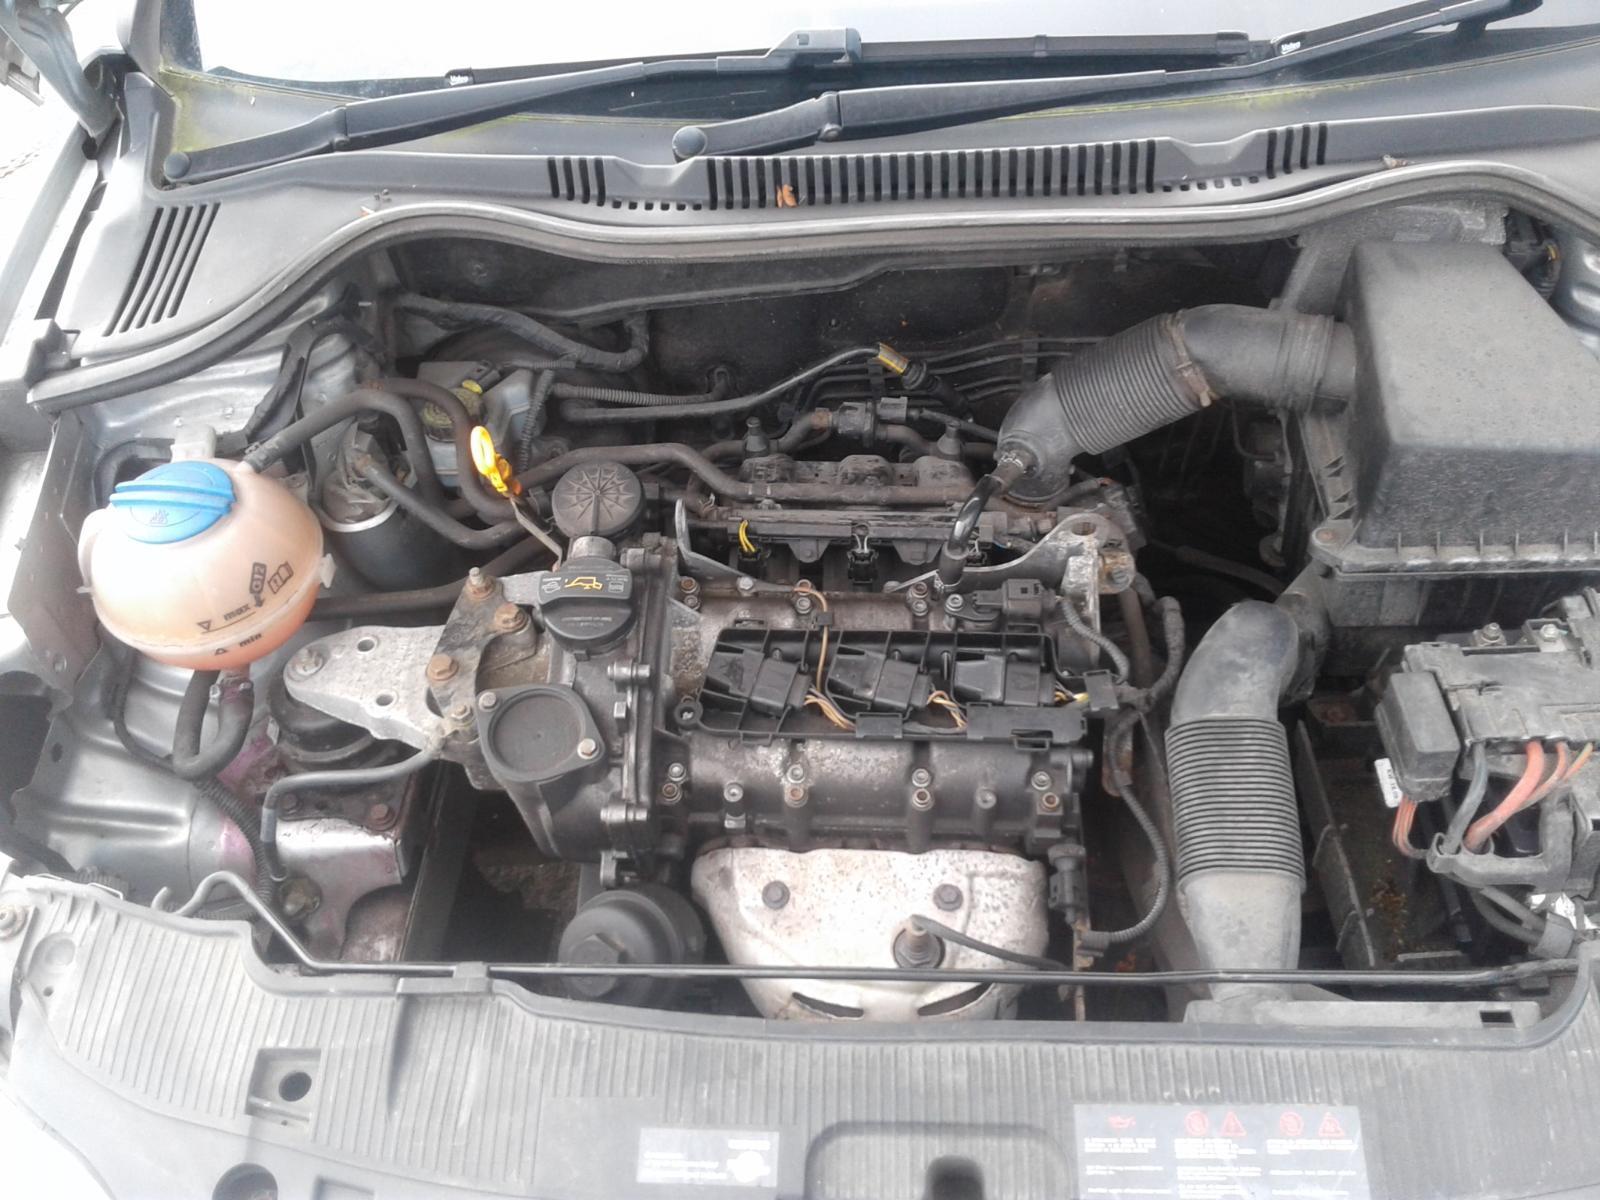 2009 SEAT IBIZA Image